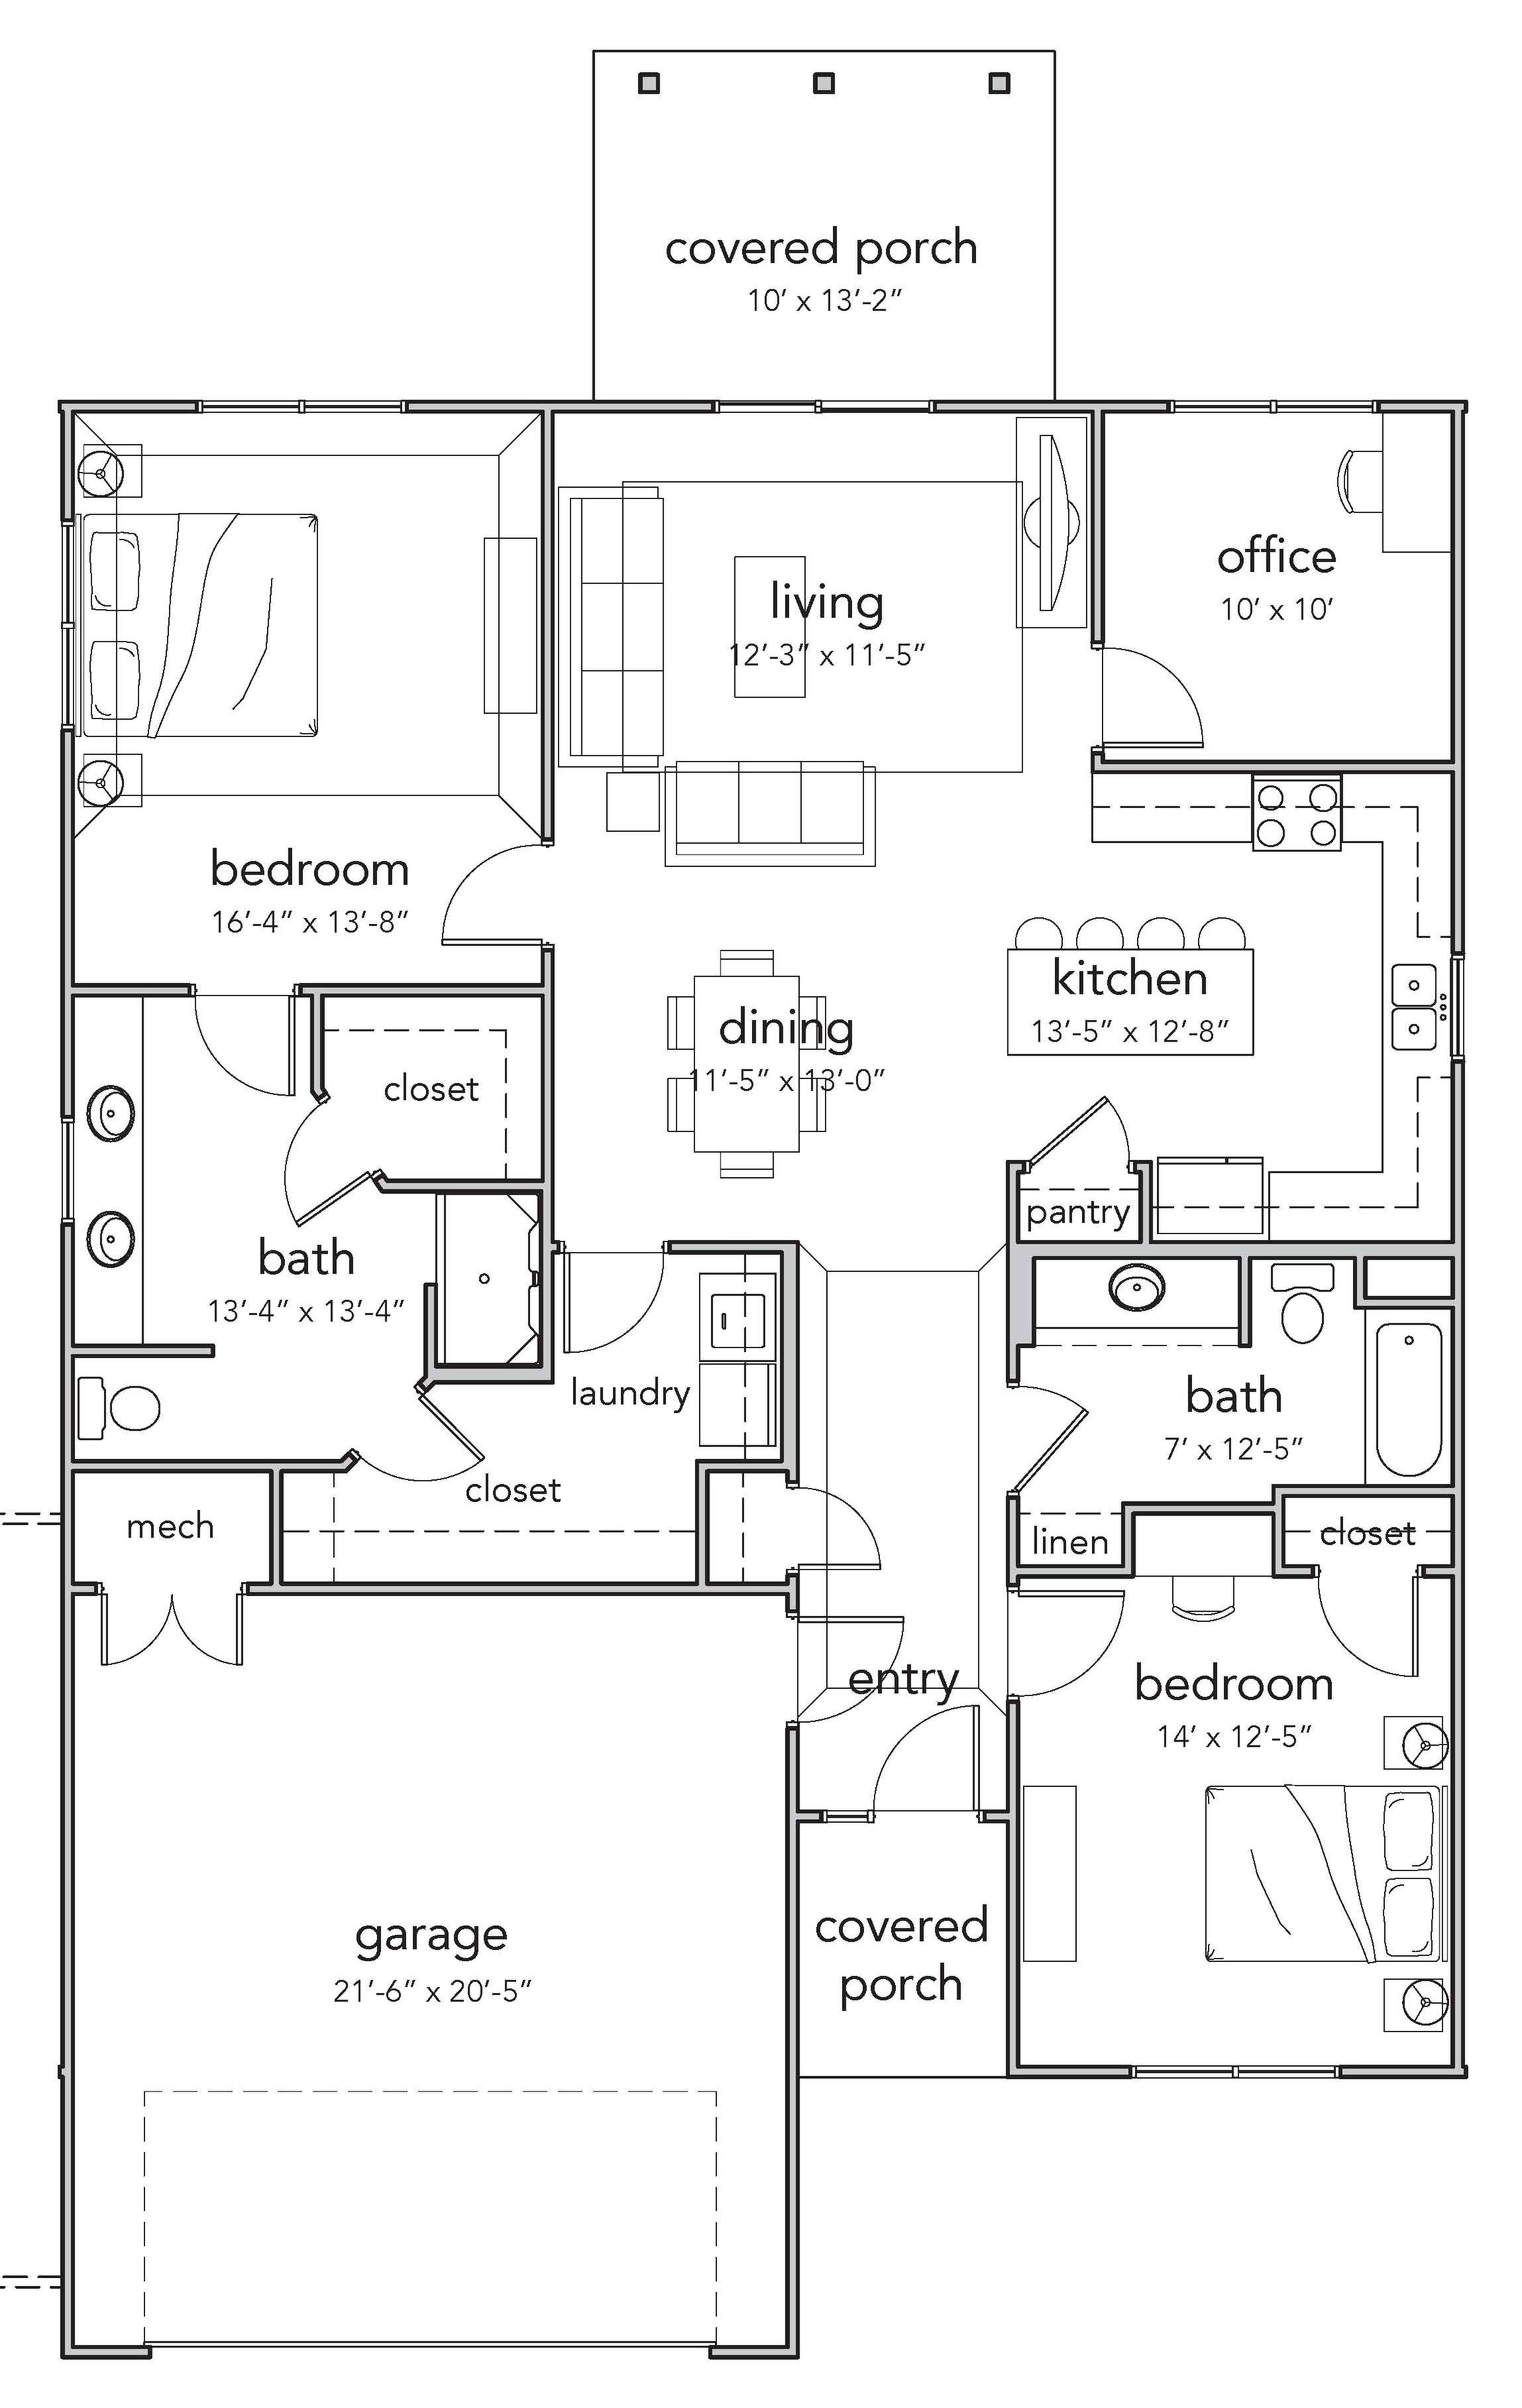 2 Bedroom Deluxe Floor Plan Image